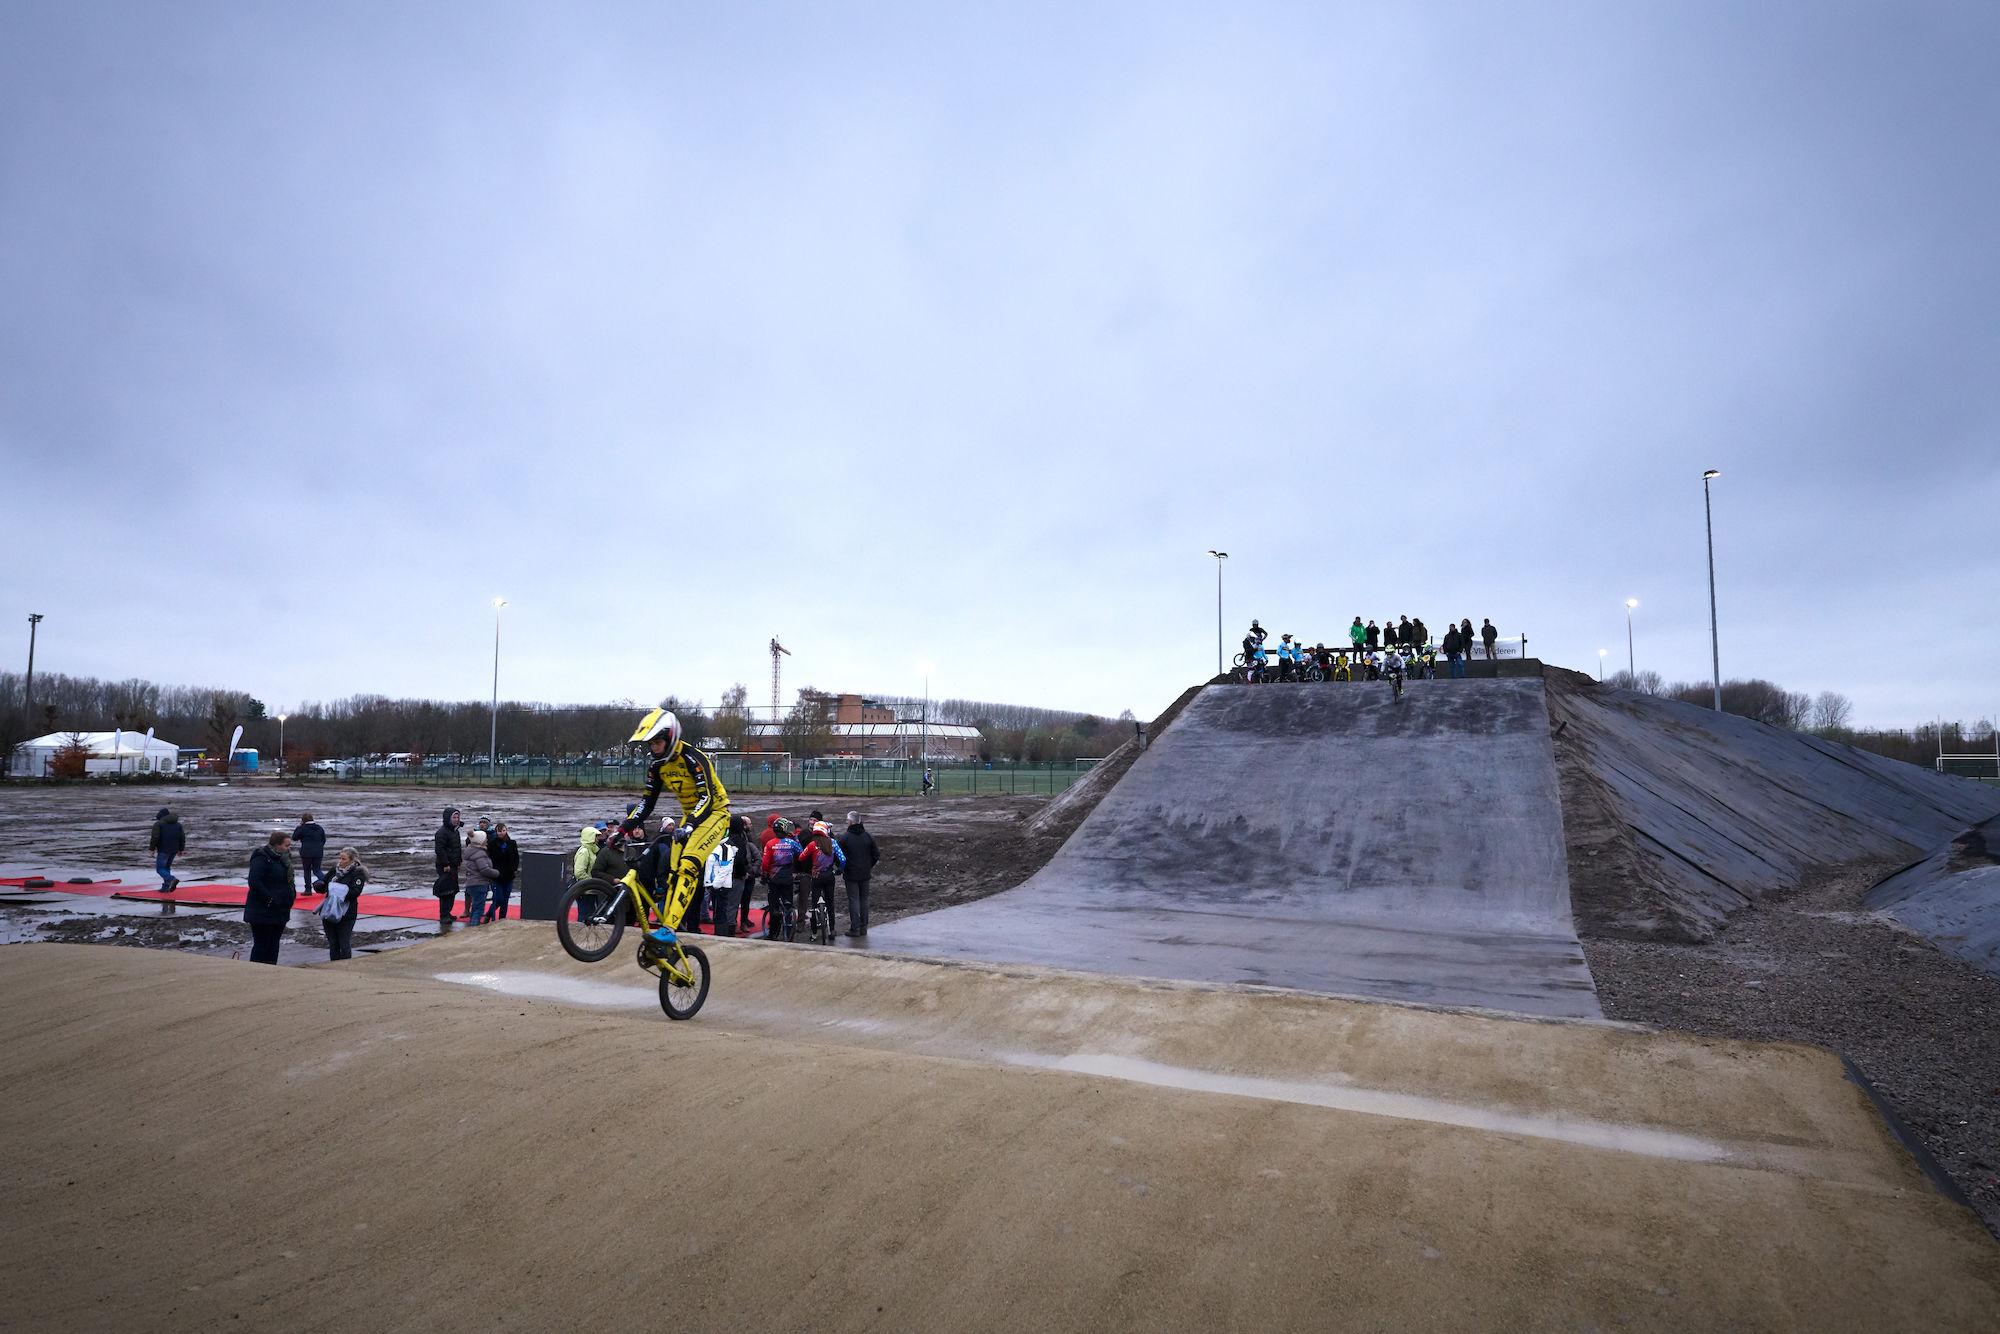 20181128_Puyenbroeck_officiele opening BMX parcour (58).jpg